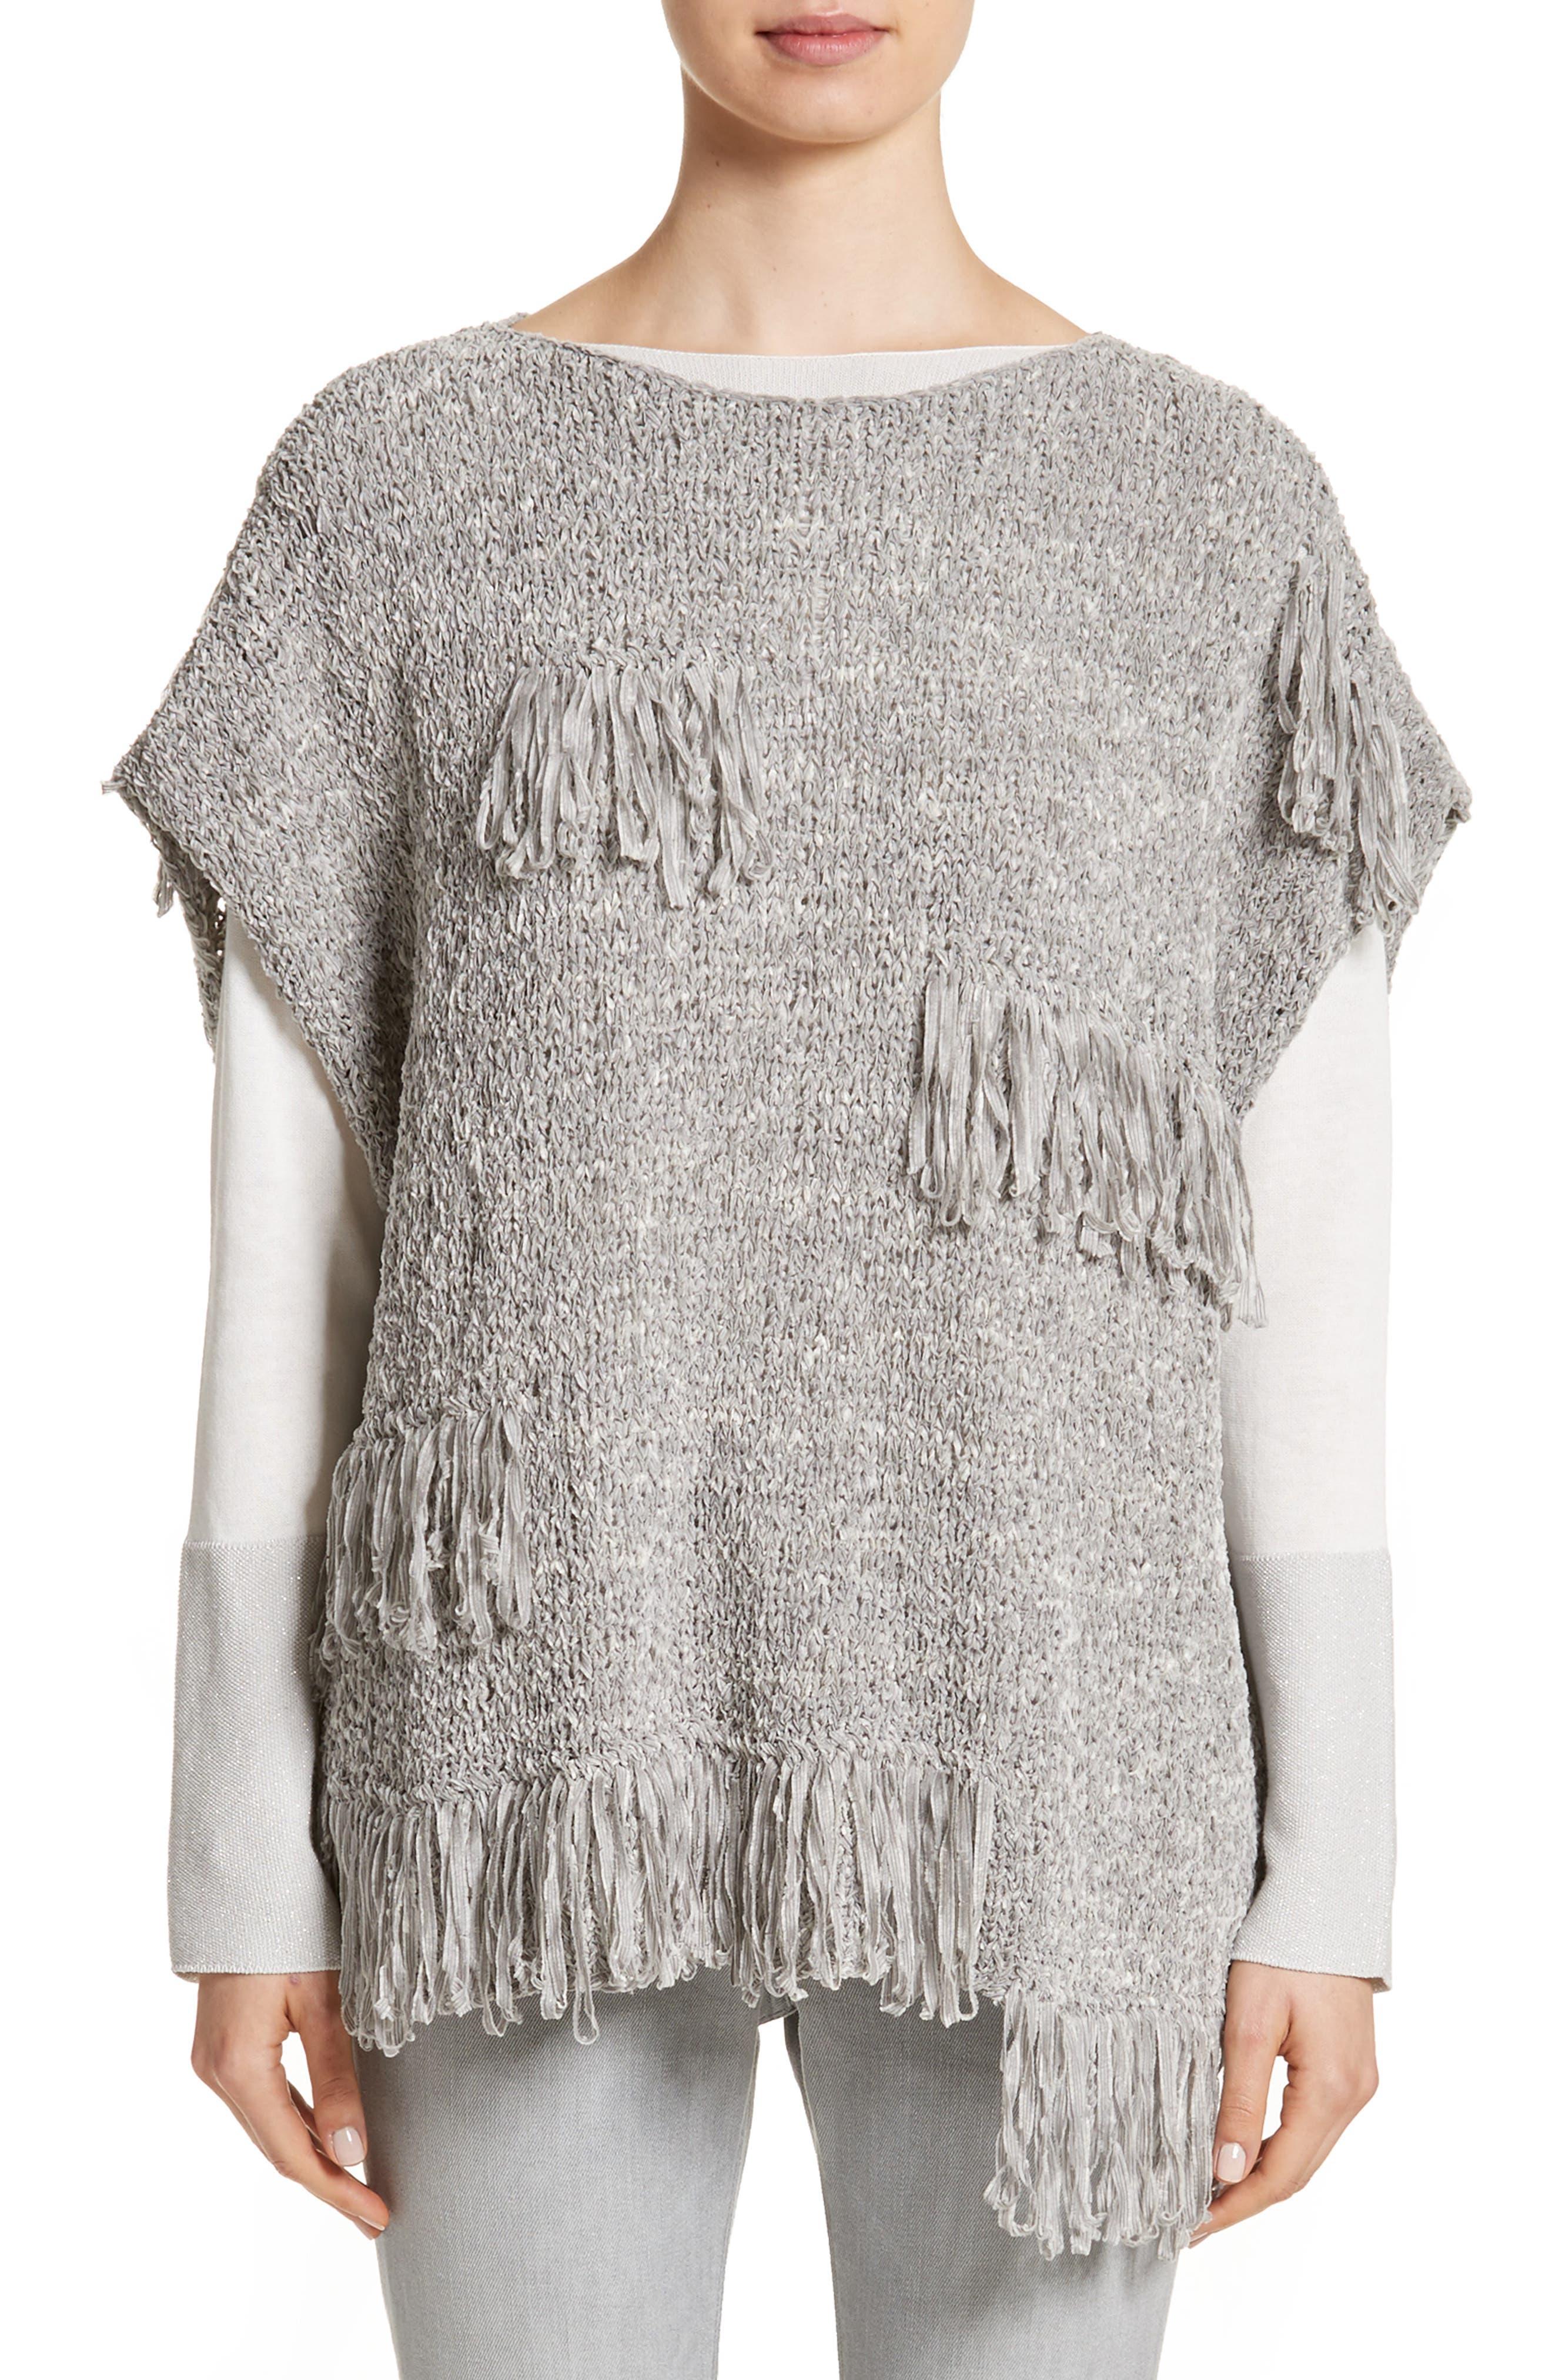 Main Image - Fabiana Filippi Fringe Chenille Knit Poncho Sweater